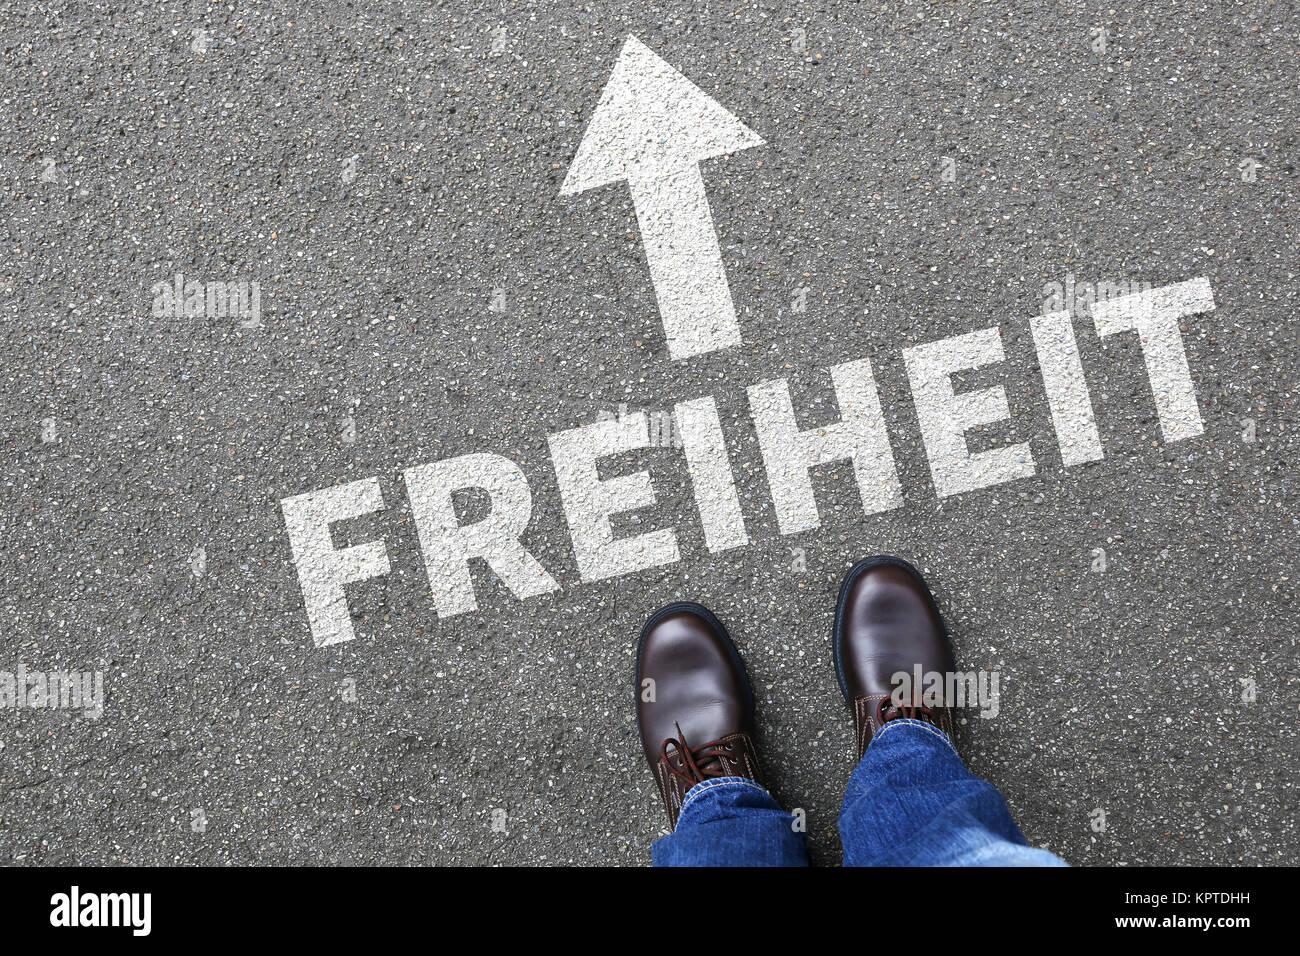 Freiheit Frei Sein Unabhängigkeit Unabhängig Business Konzept Stock